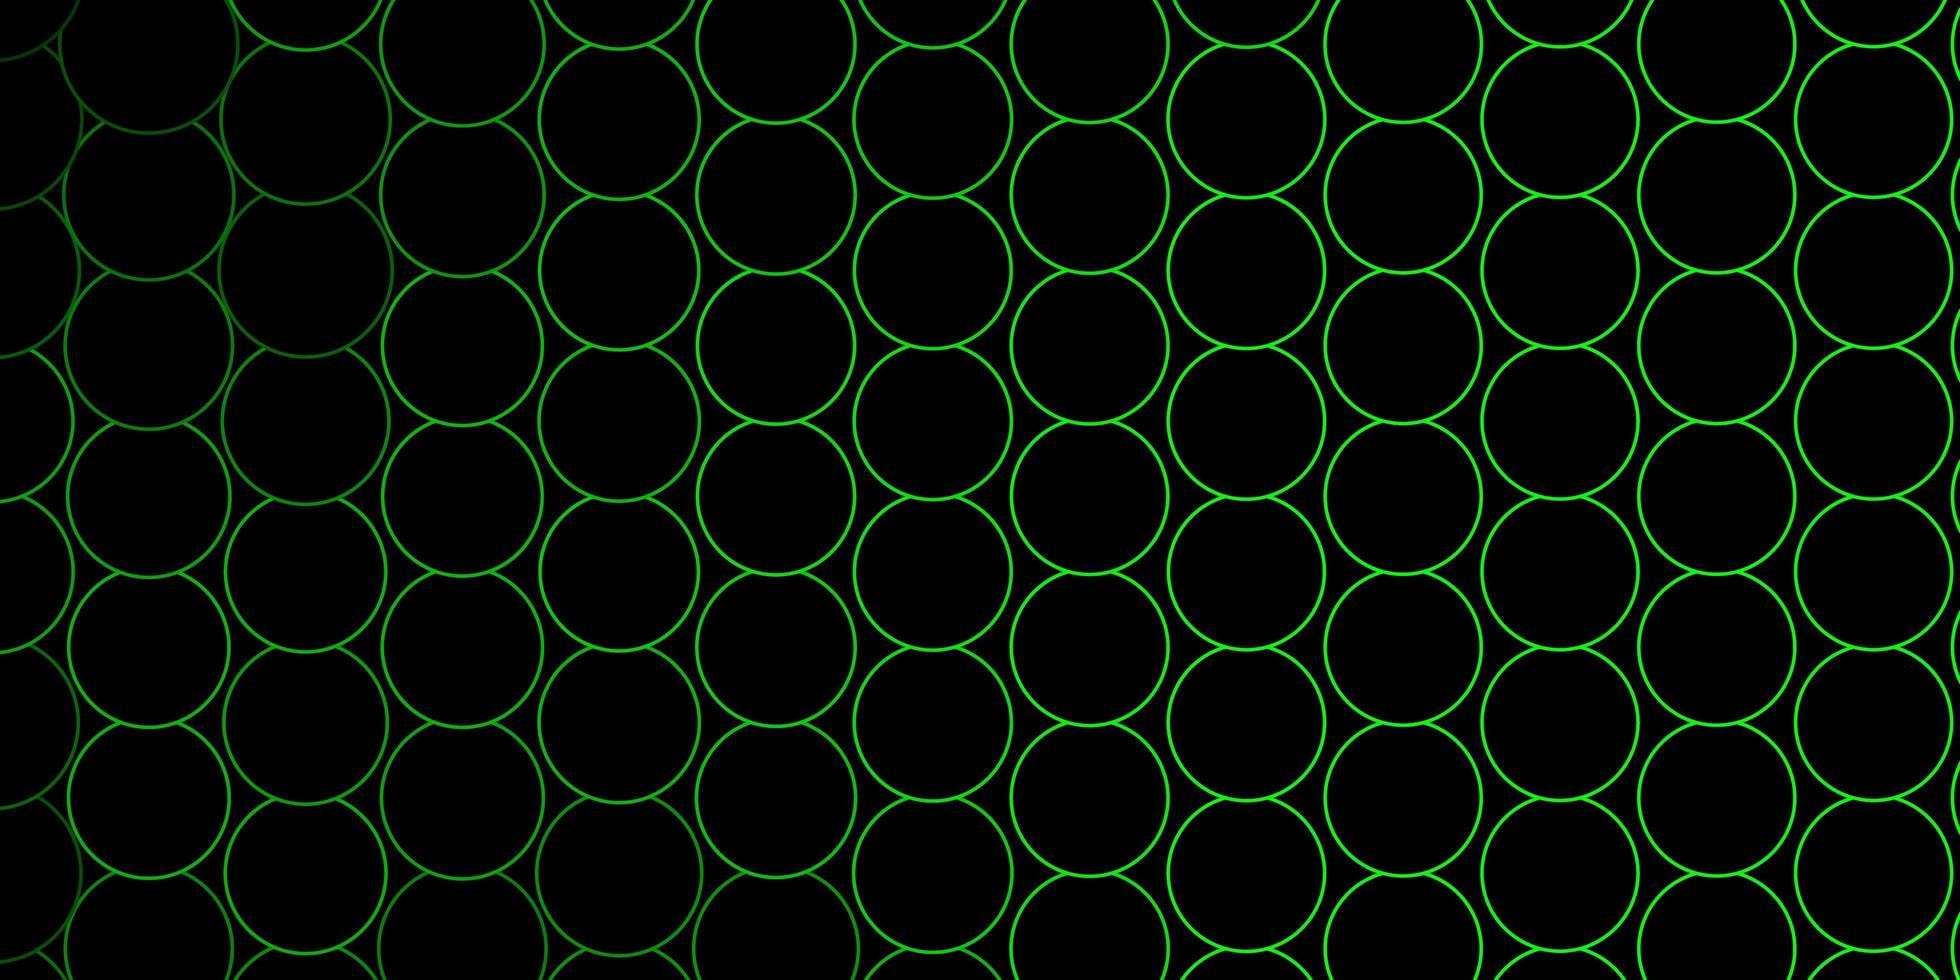 cercles verts sur fond sombre vecteur